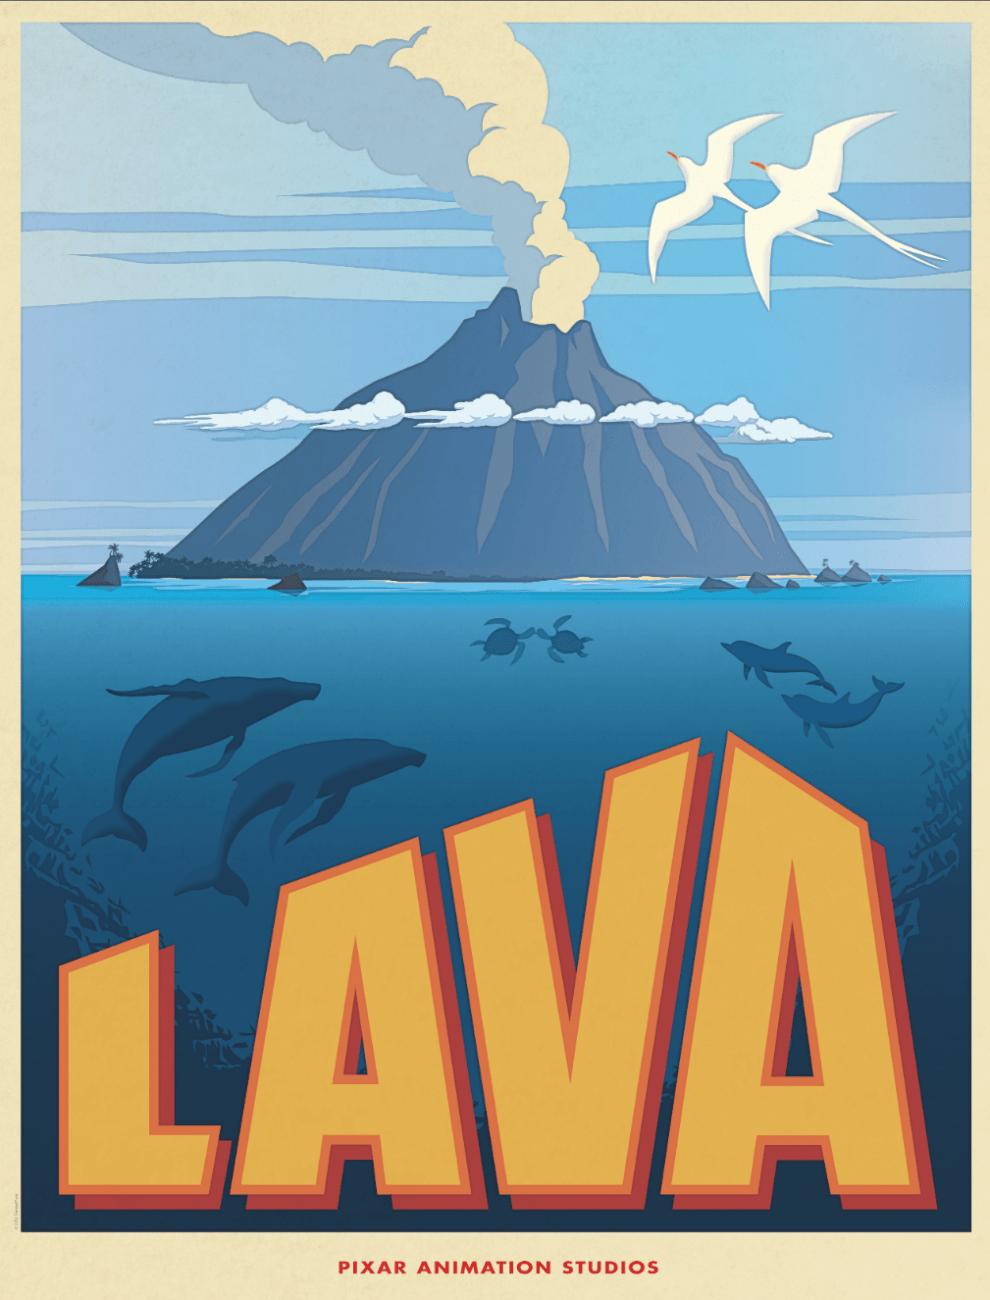 Disney-Pixar-LAVA-poster.png